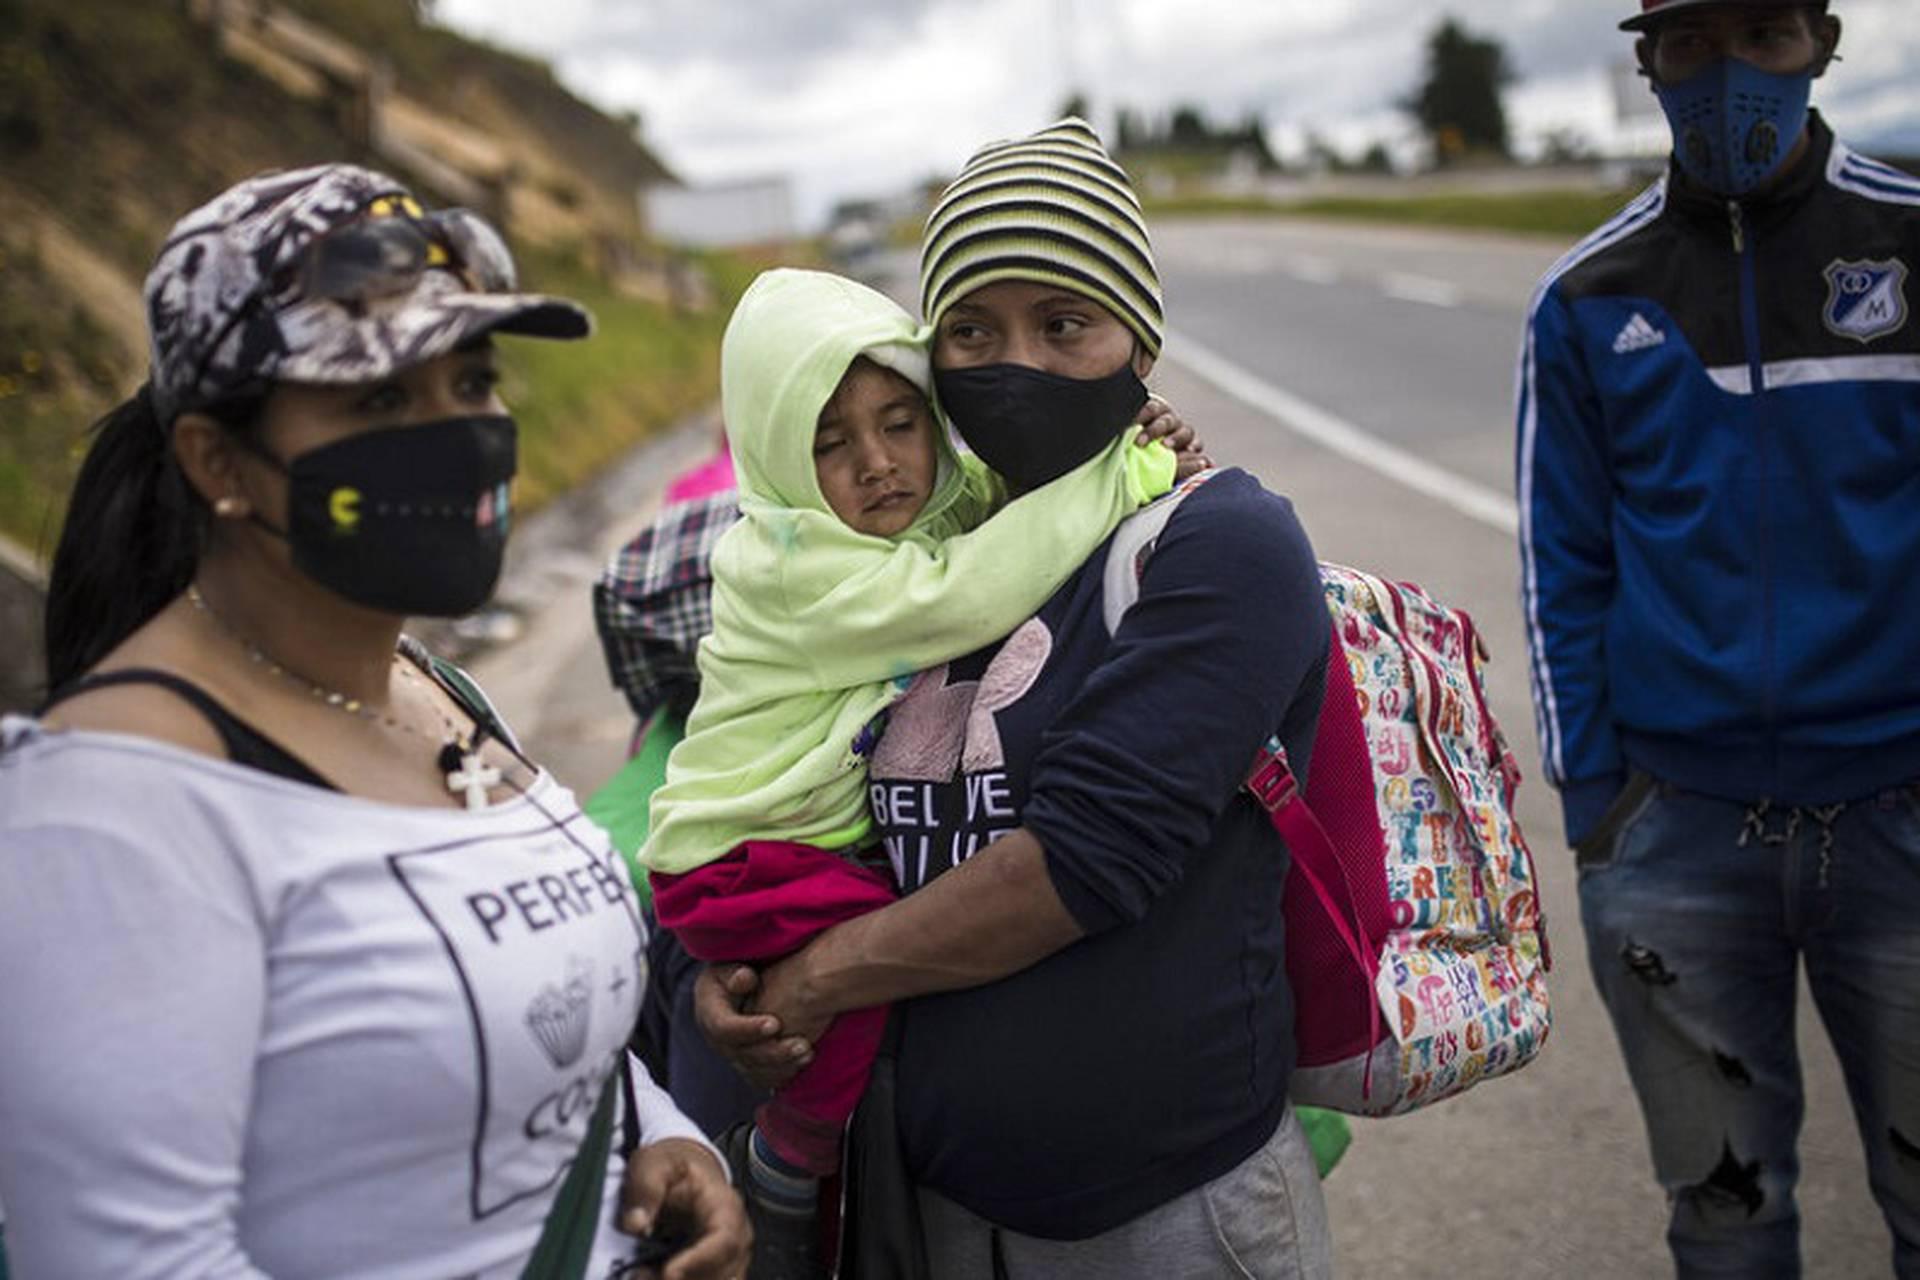 Son más de 15 mujeres que se encuentran en condiciones vulnerables en el país las que interpusieron la acción, según explicó Yanira González, coordinadora departamental de la Corporación Colombia Venezolana (Colvenz), en RCN Radio.